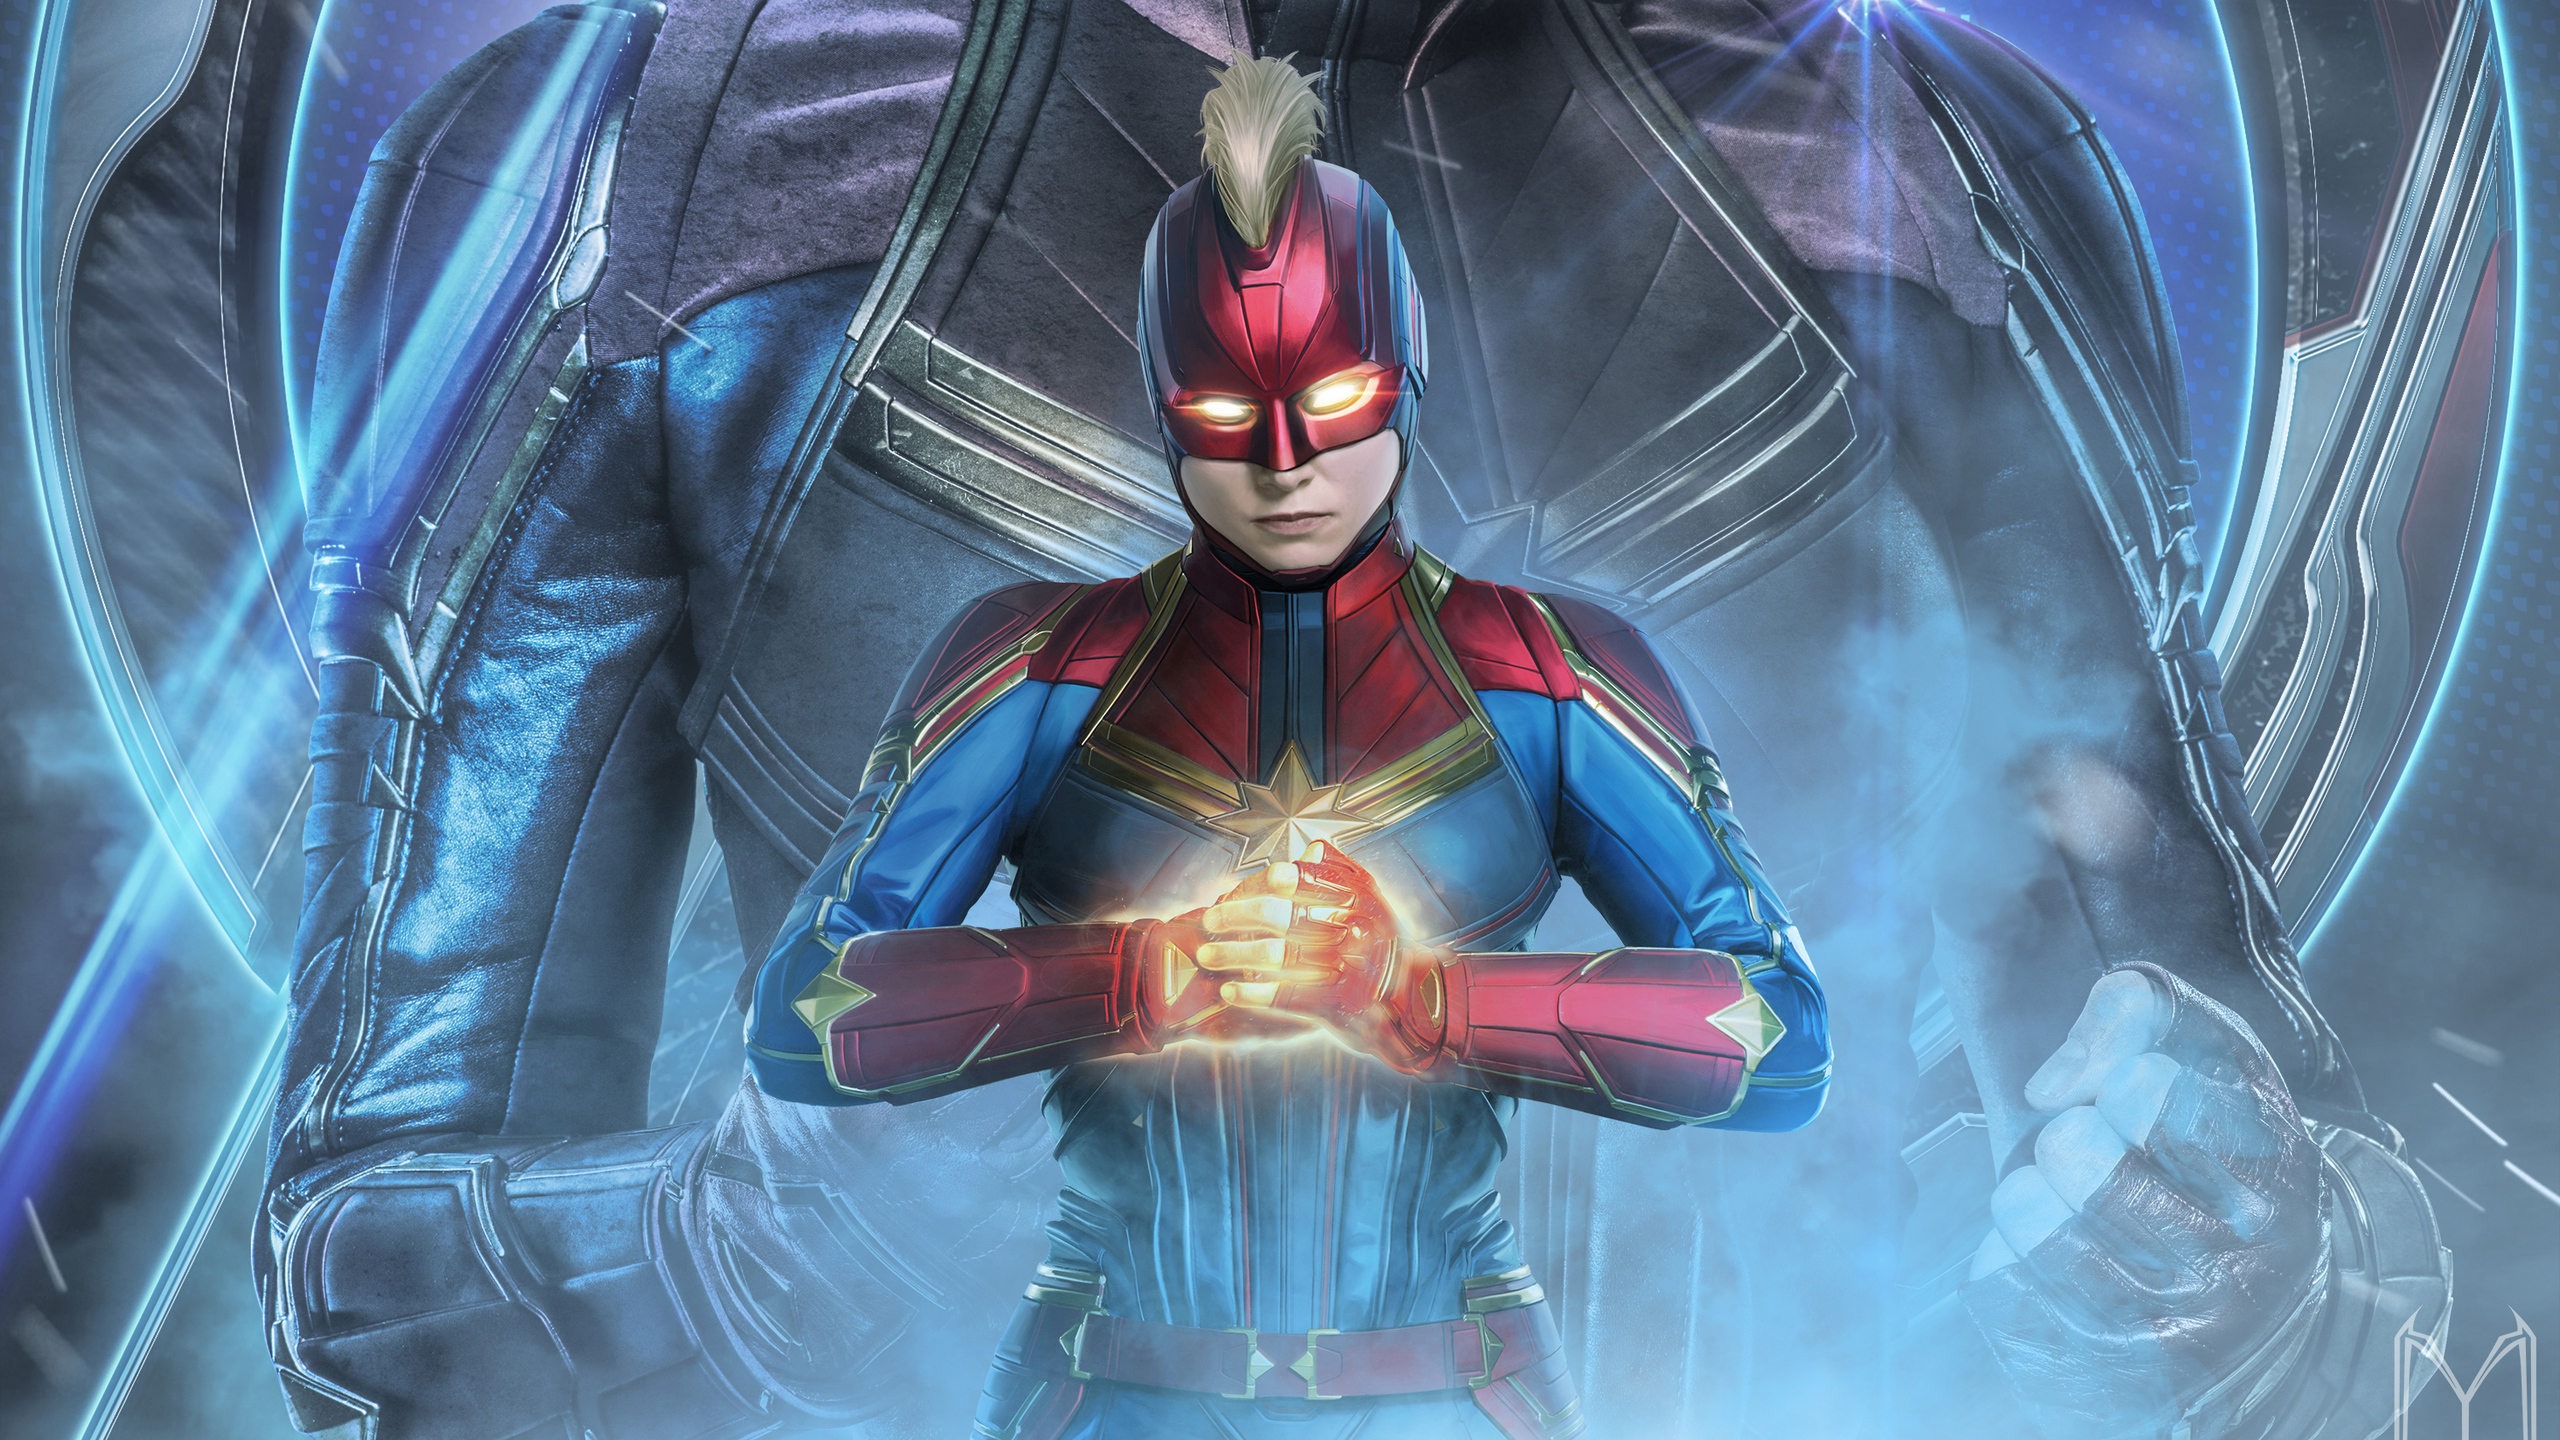 2560x1440 Captain Marvel In Avengers Endgame 2019 1440P ...